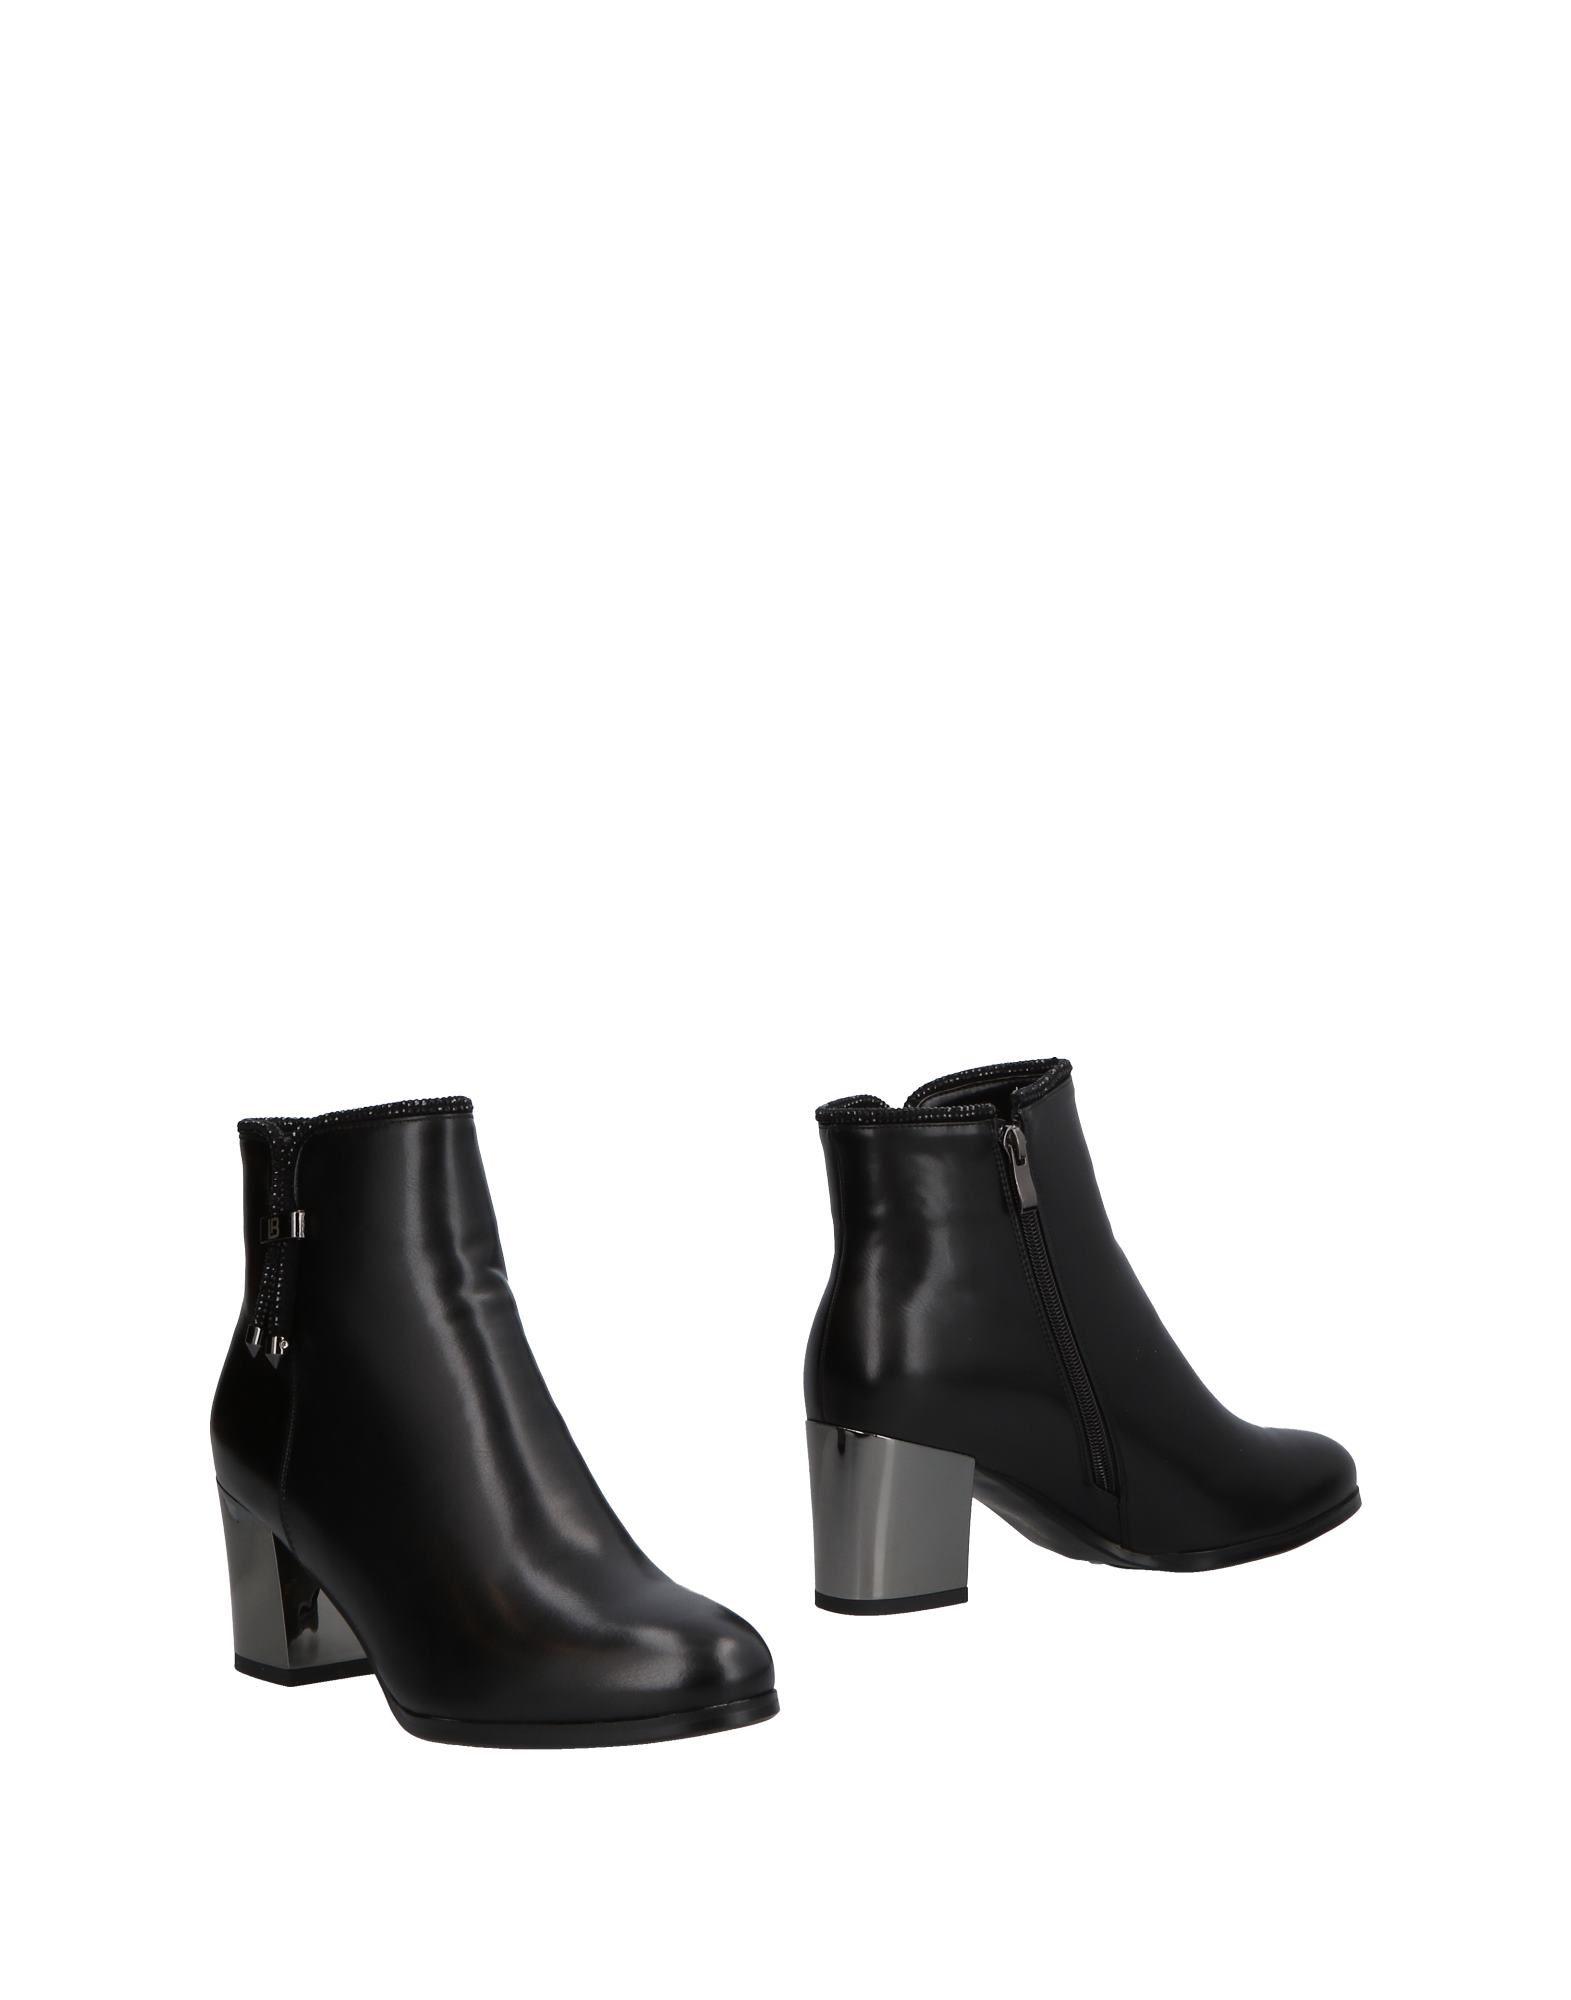 Laura Biagiotti Stiefelette Damen  11504549MD Gute Qualität beliebte Schuhe